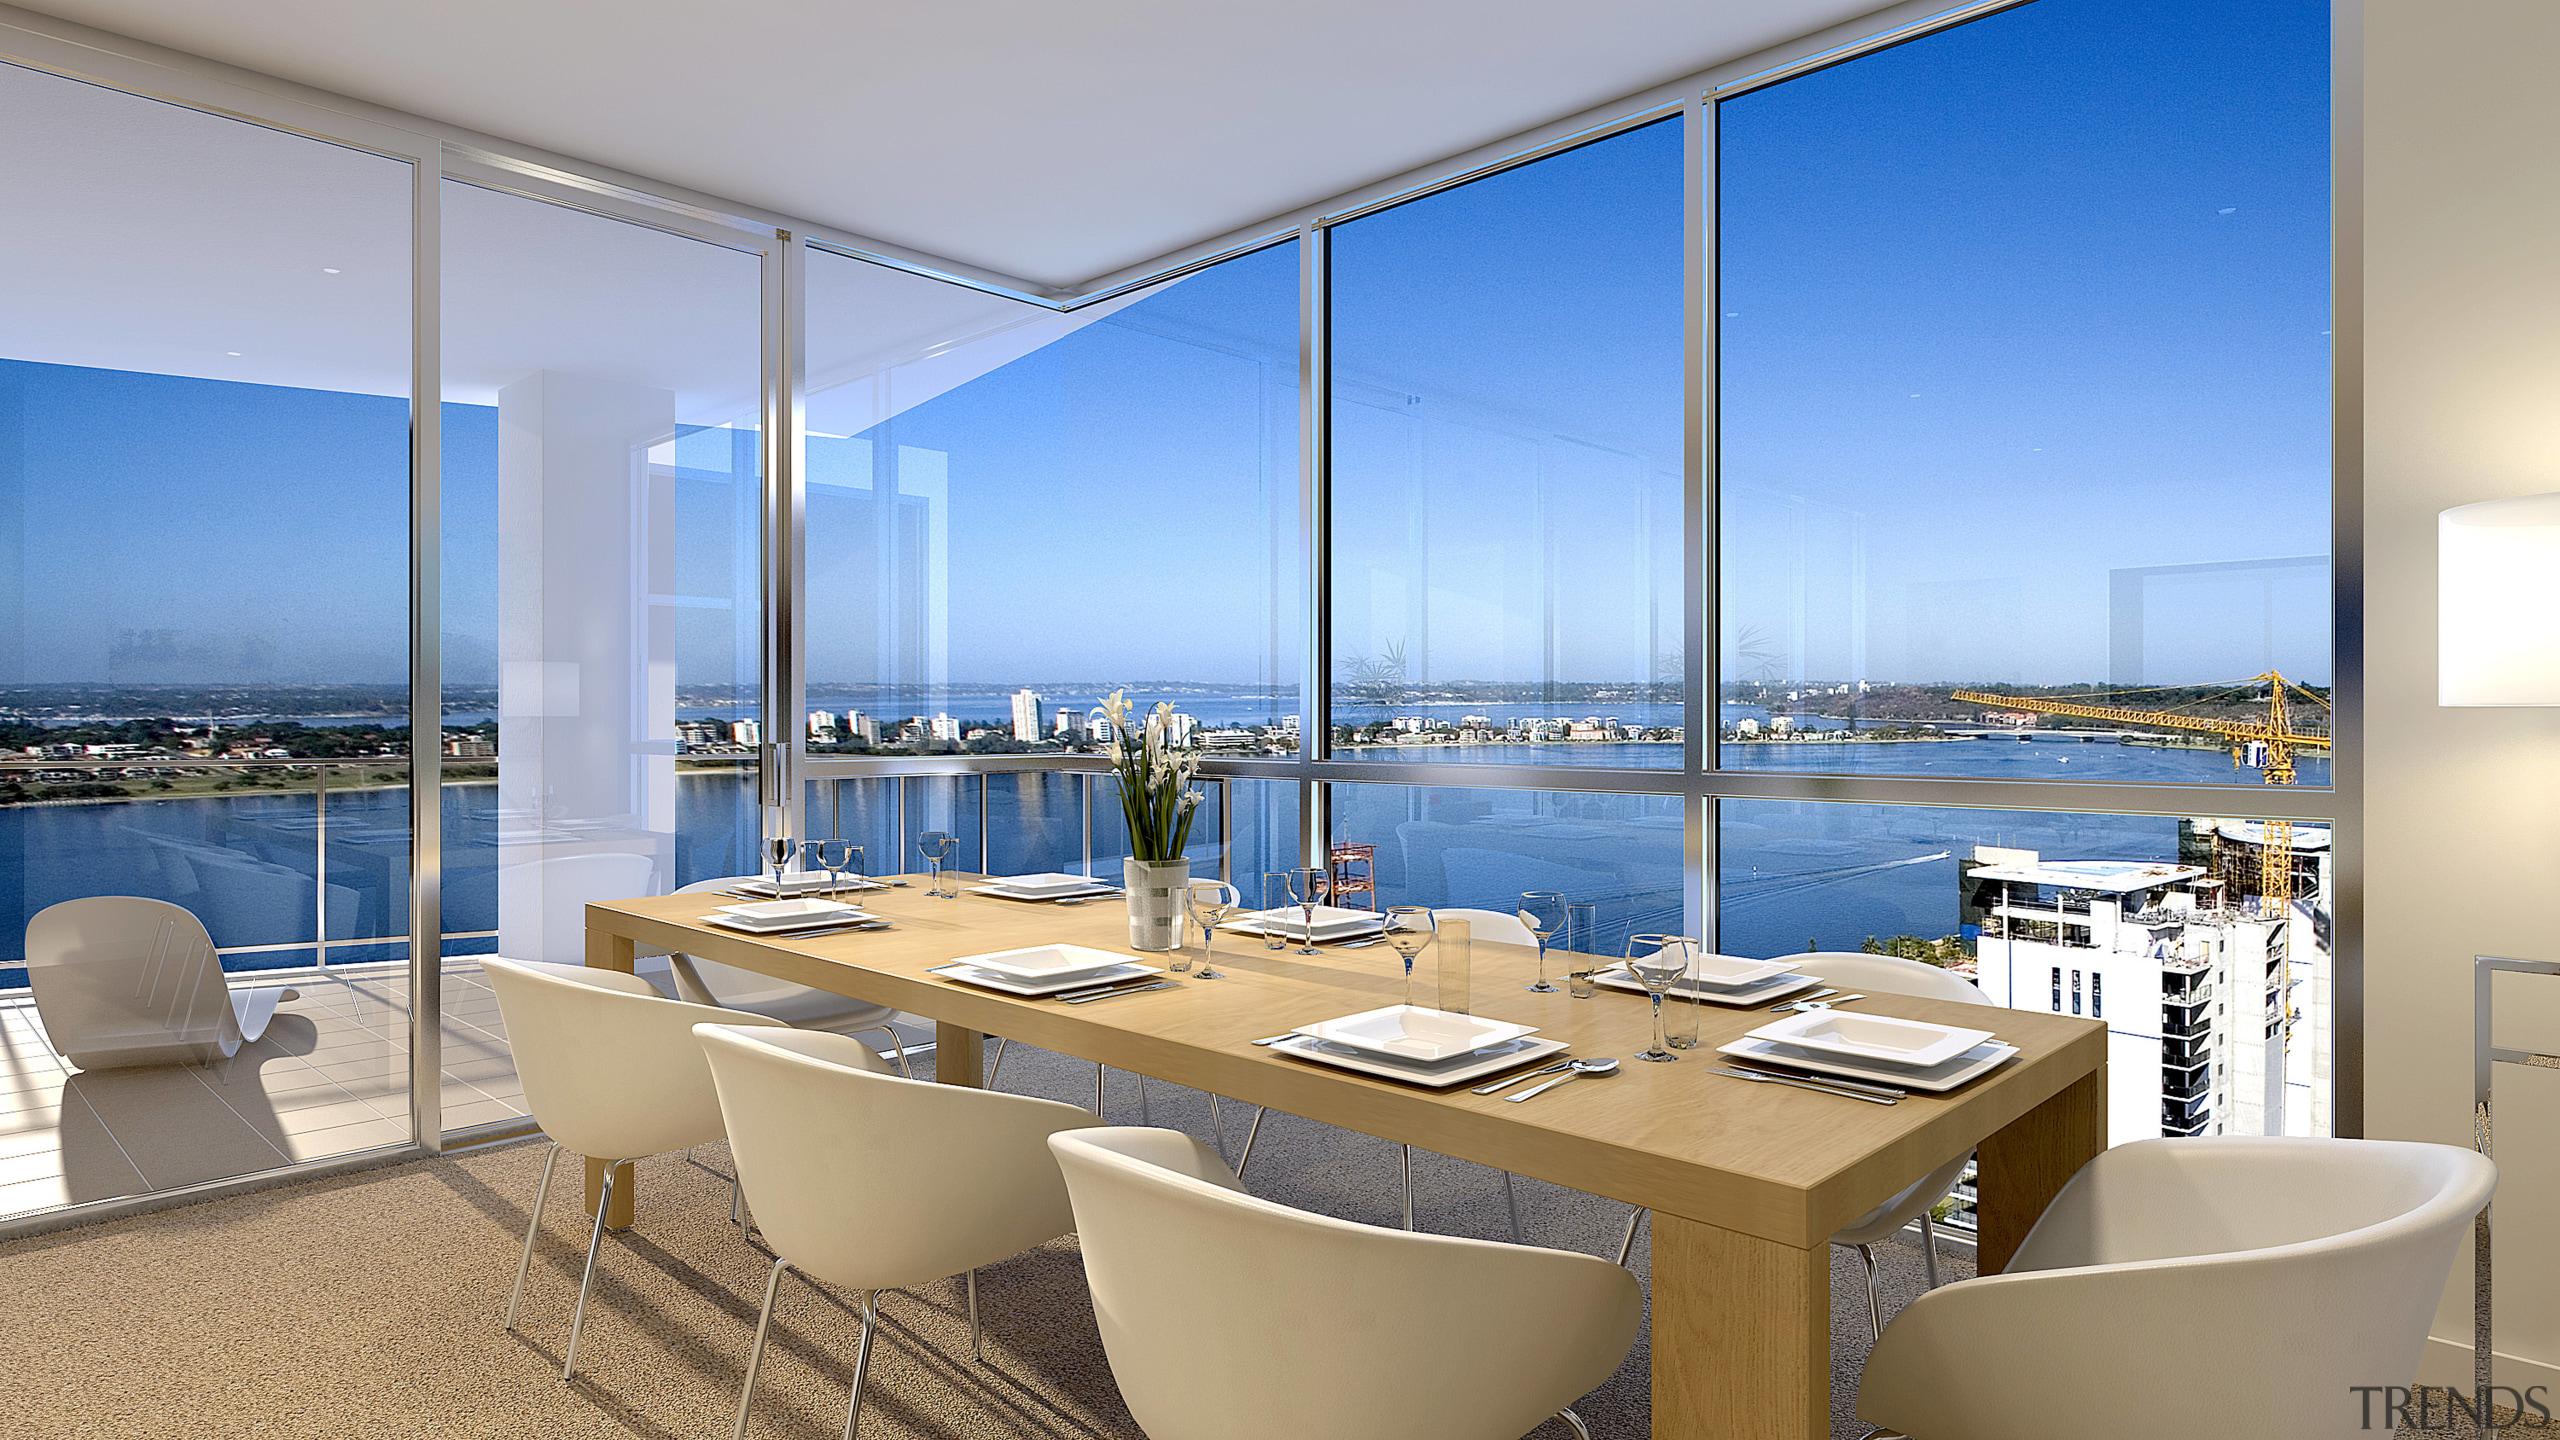 View of the Fairlanes Perth apartment dining area. apartment, condominium, interior design, penthouse apartment, real estate, window, gray